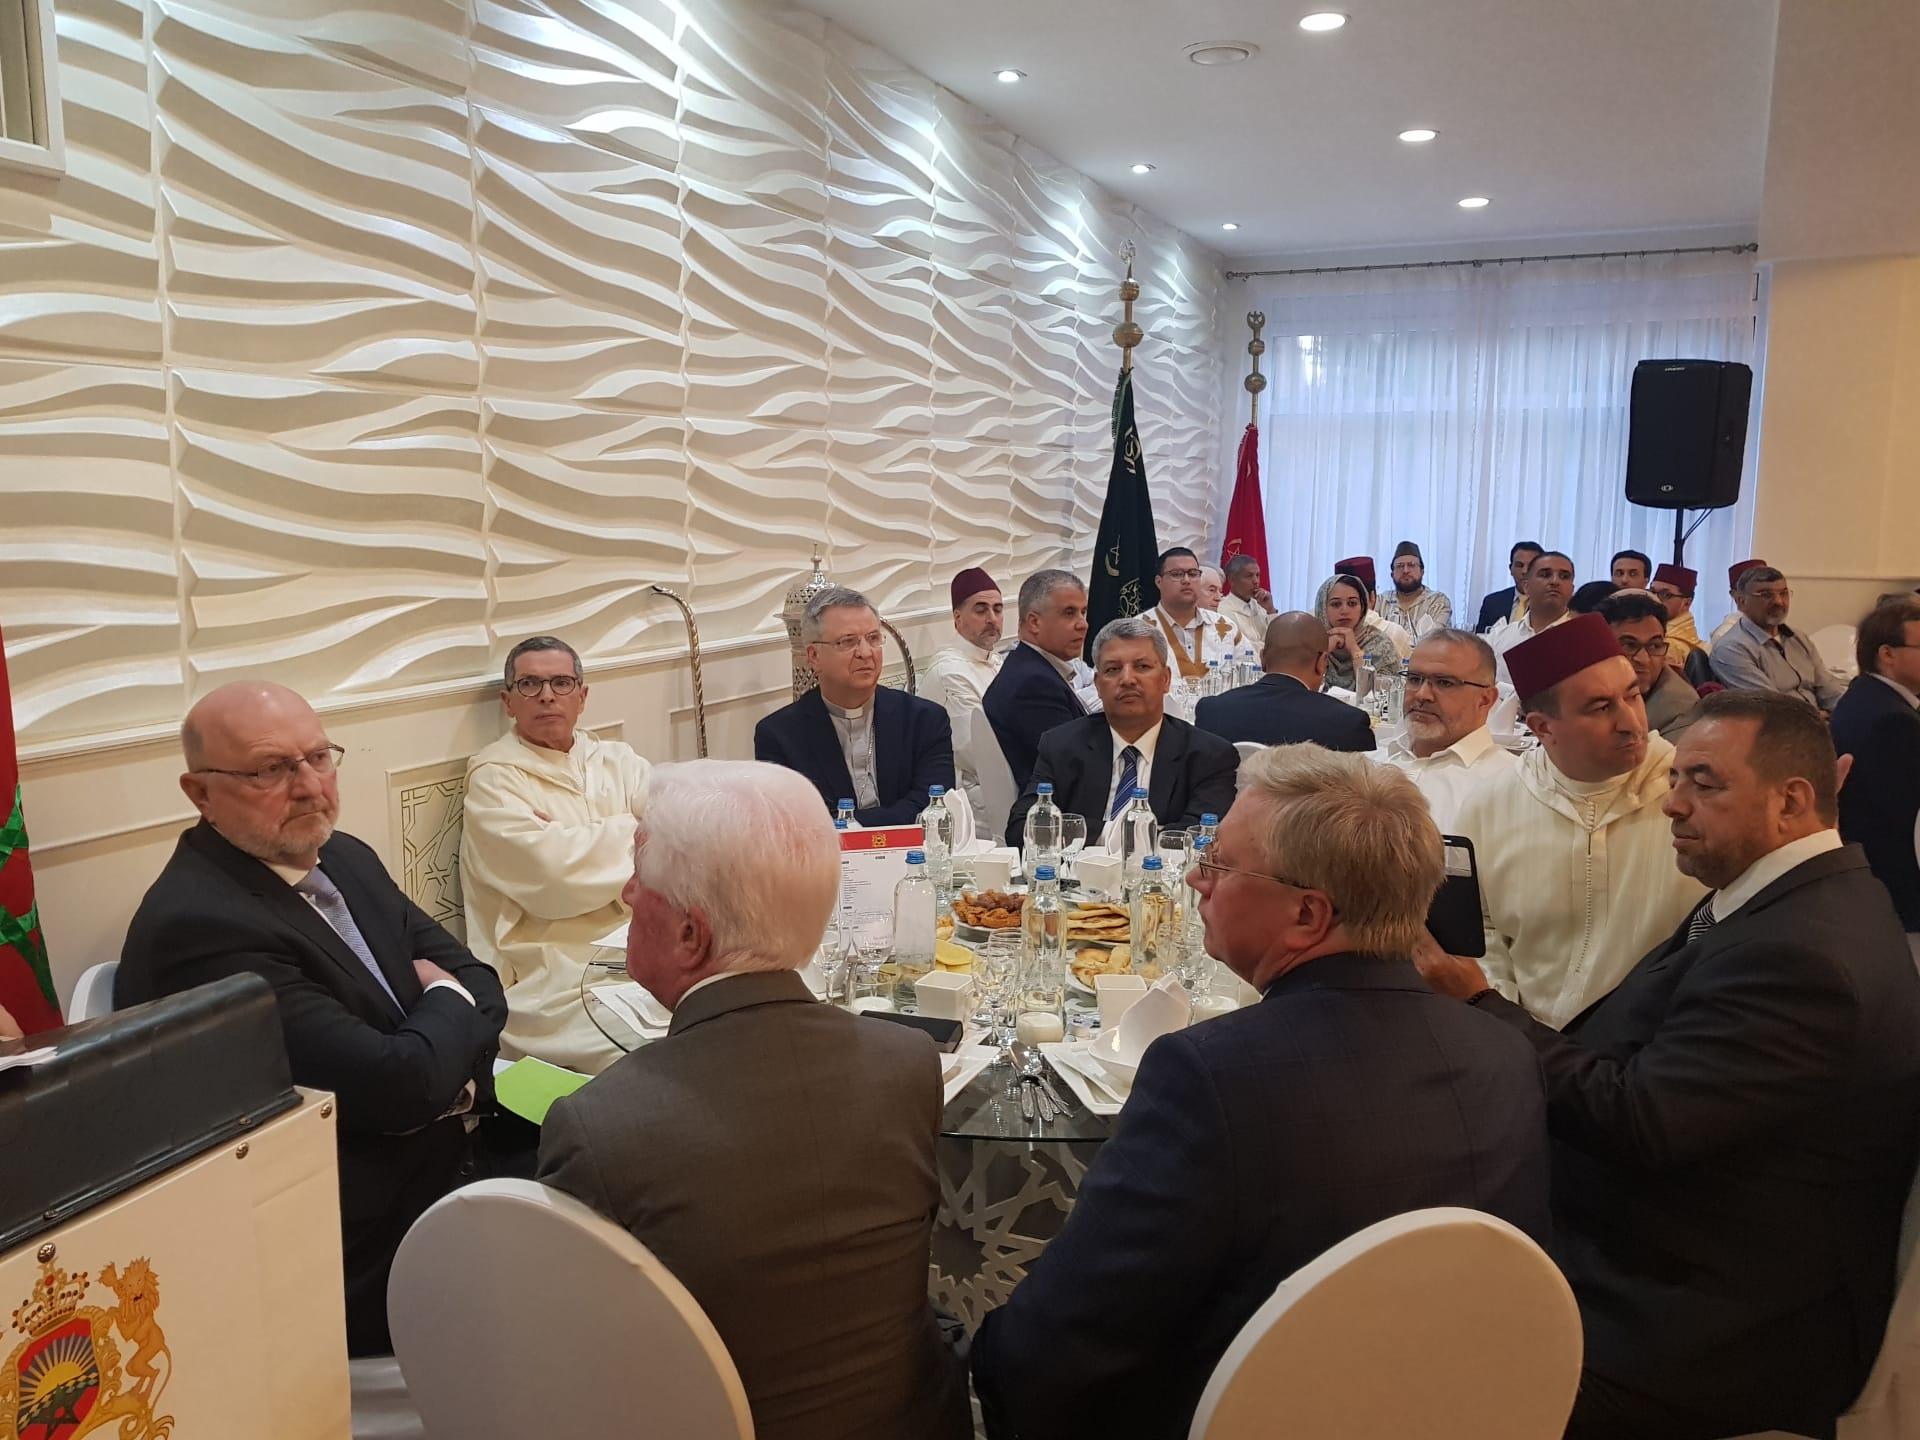 سفارة المملكة المغربية ببلجيكا و القنصلية العامة للمملكة المغربية بأنفرس تقيمان حفل إفطار بهيج.